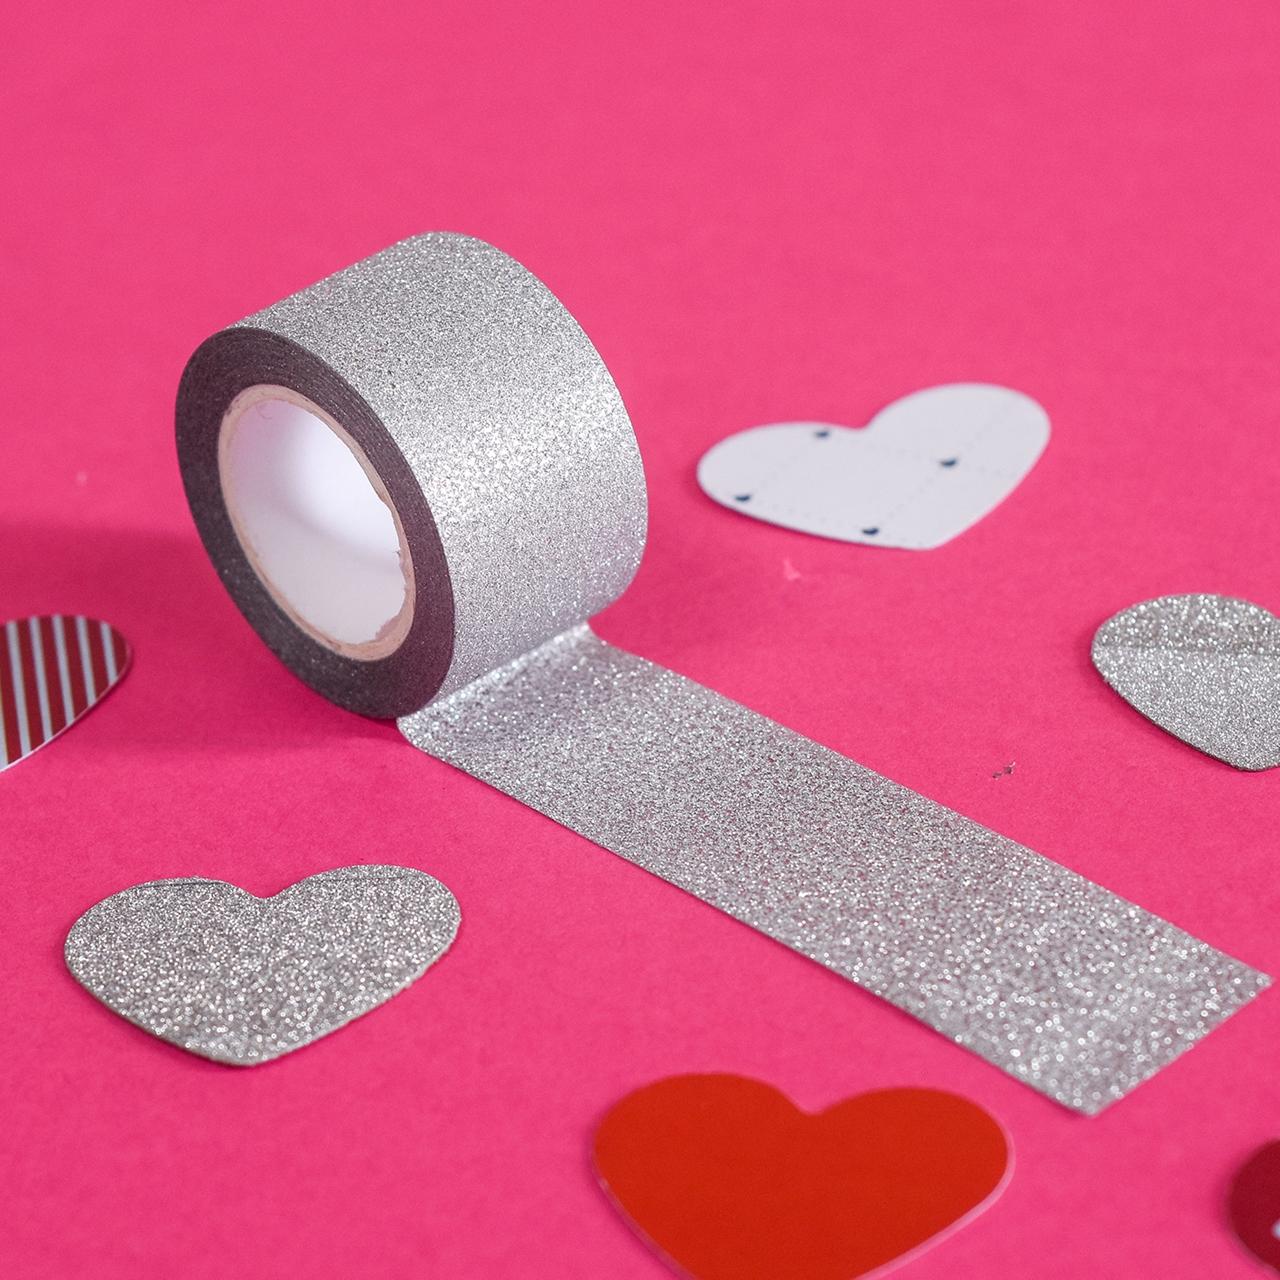 0030141_x-press-it-glitter-deco-tape-25mm-x-10m-silver